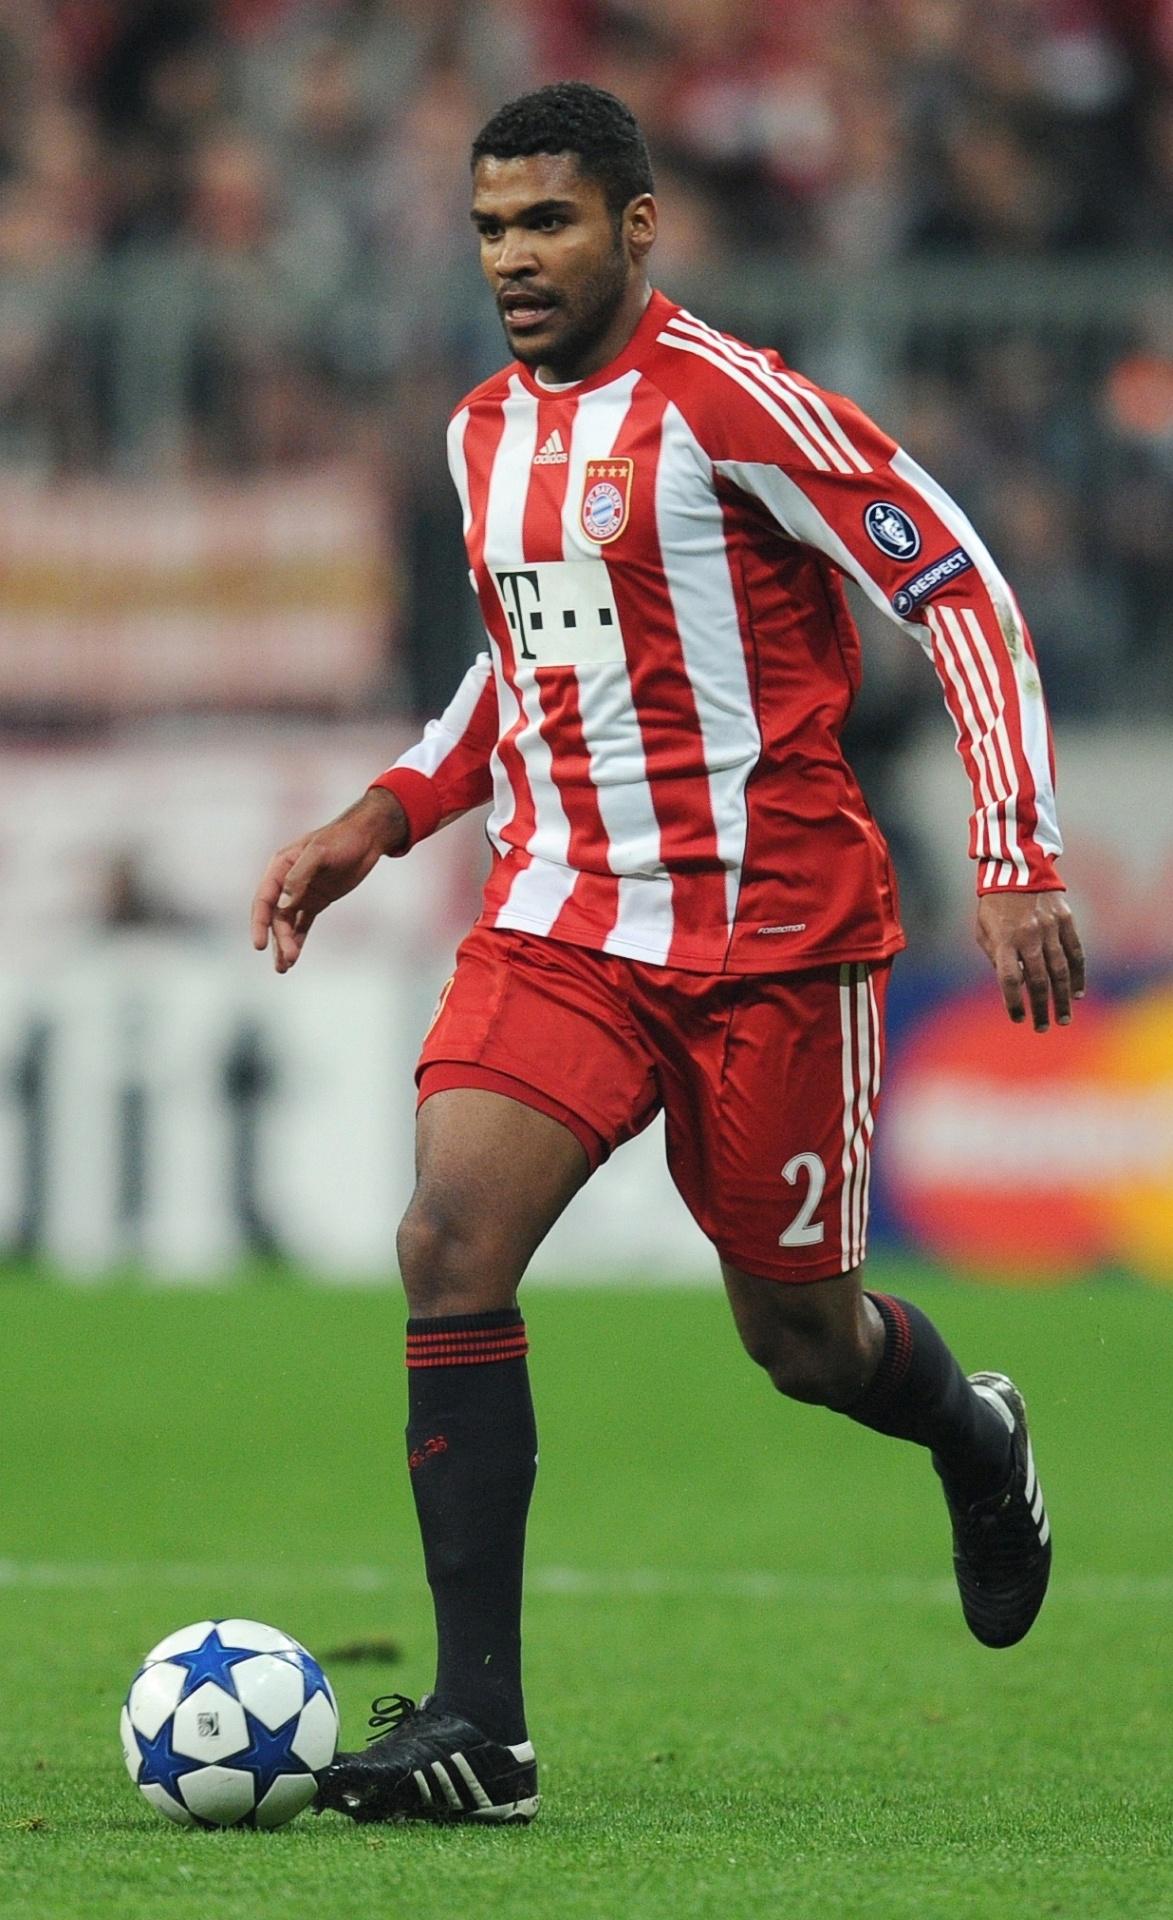 O zagueiro Breno, do Bayern de Munique, domina a bola durante jogo contra a Internazionale (15/03/2011)